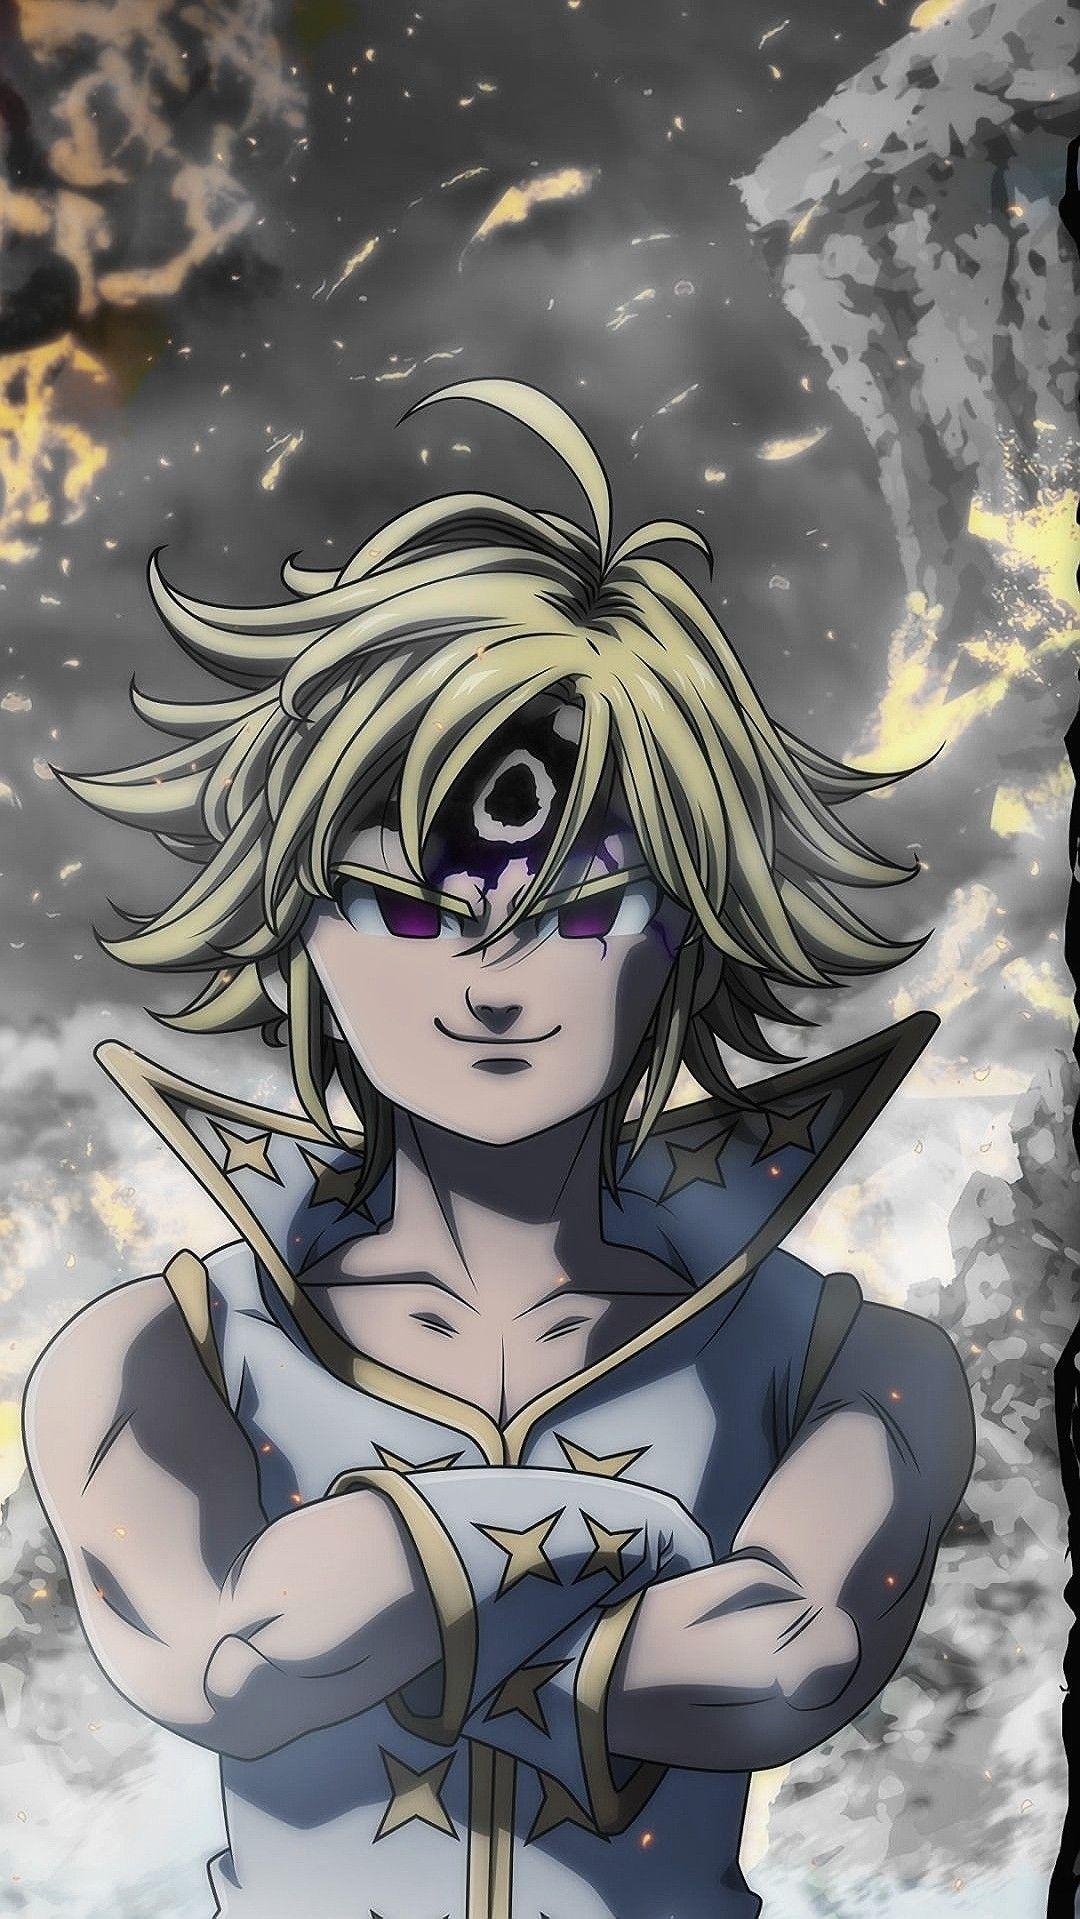 Meliodas Fondo De Pantalla Seven Deadly Sins Anime Demon King Anime Anime Demon